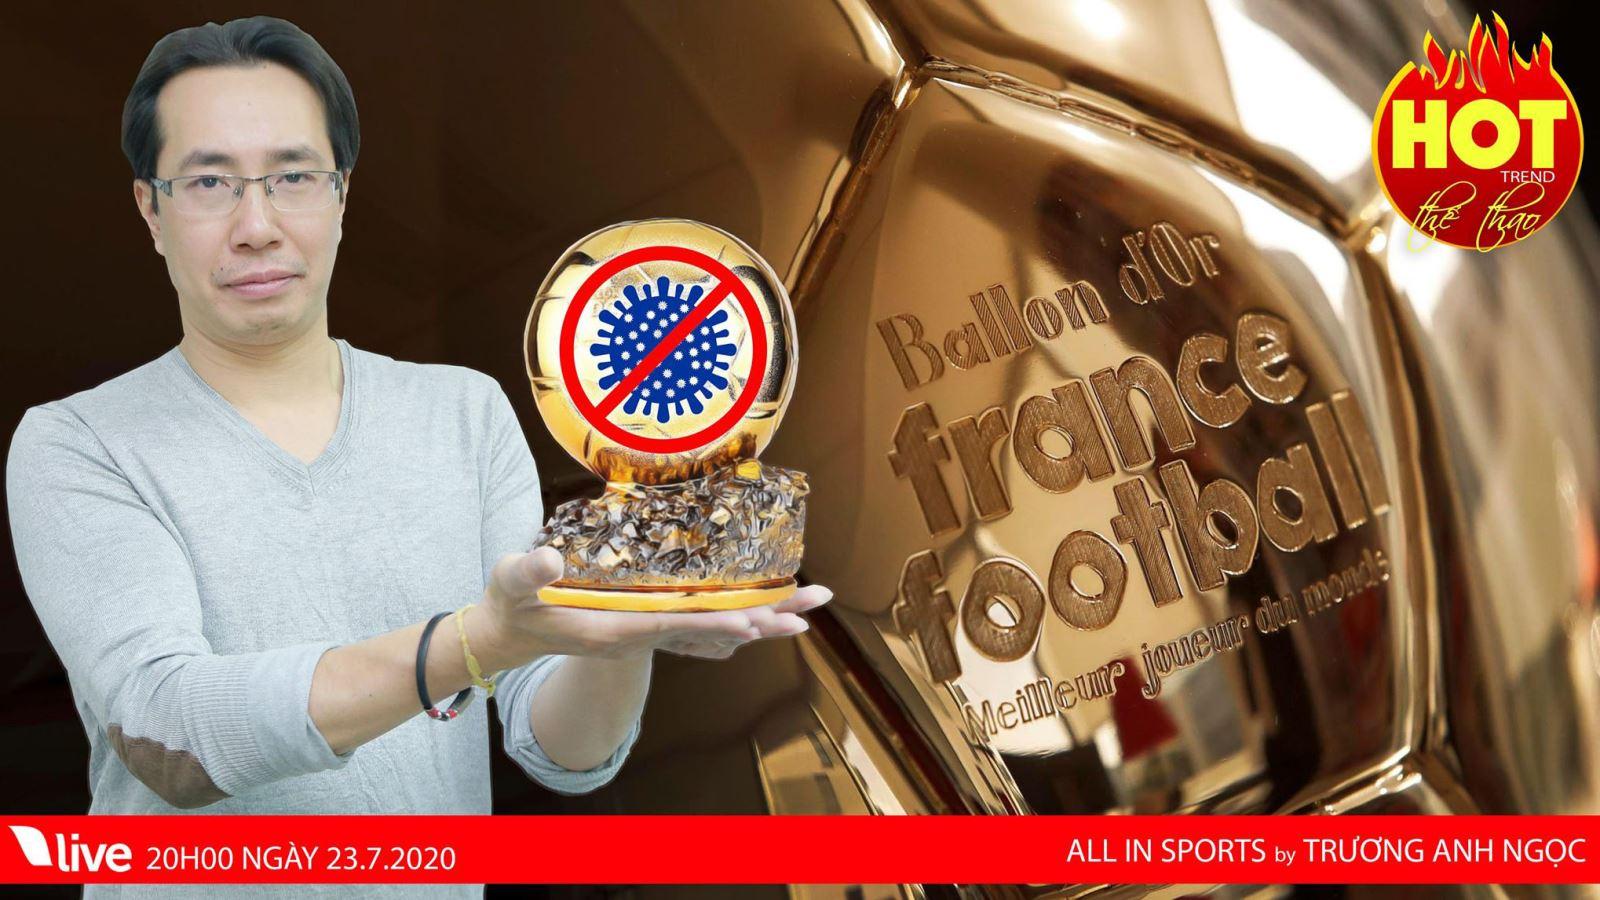 HOT TREND thể thao với BLV Trương Anh Ngọc - Số 18: Hủy giải thưởng Quả bóng Vàng 2020 - Quyết định có công bằng?